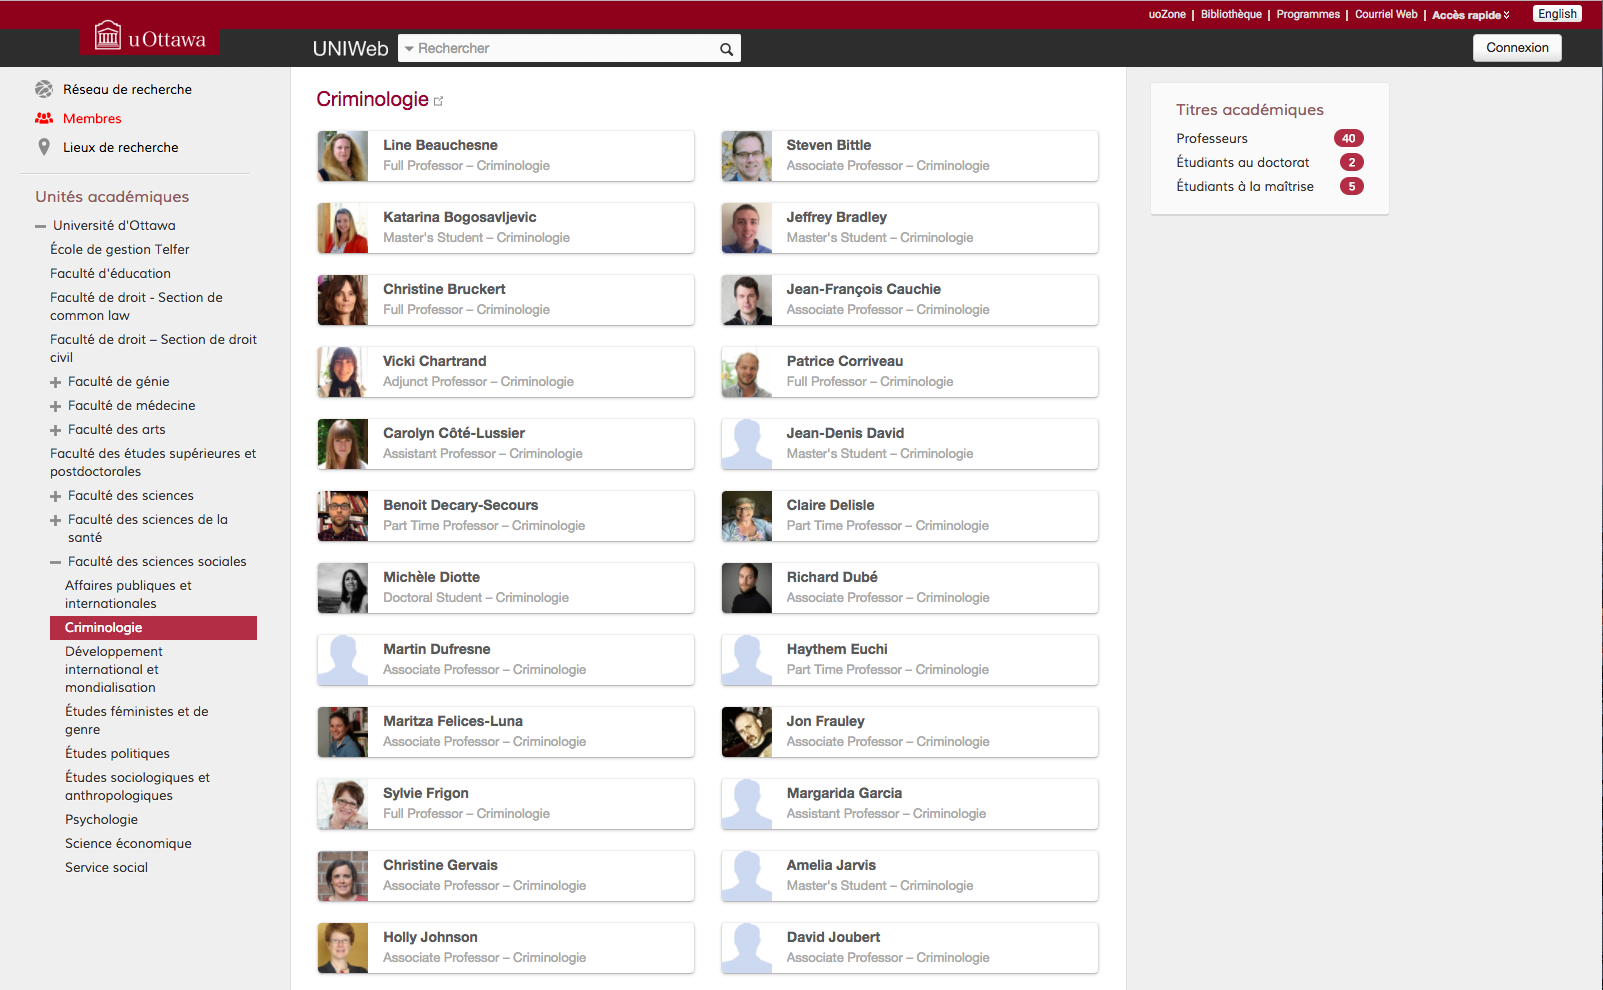 nouvelles fonctionnalit u00e9s d u2019uniweb   partager votre profil